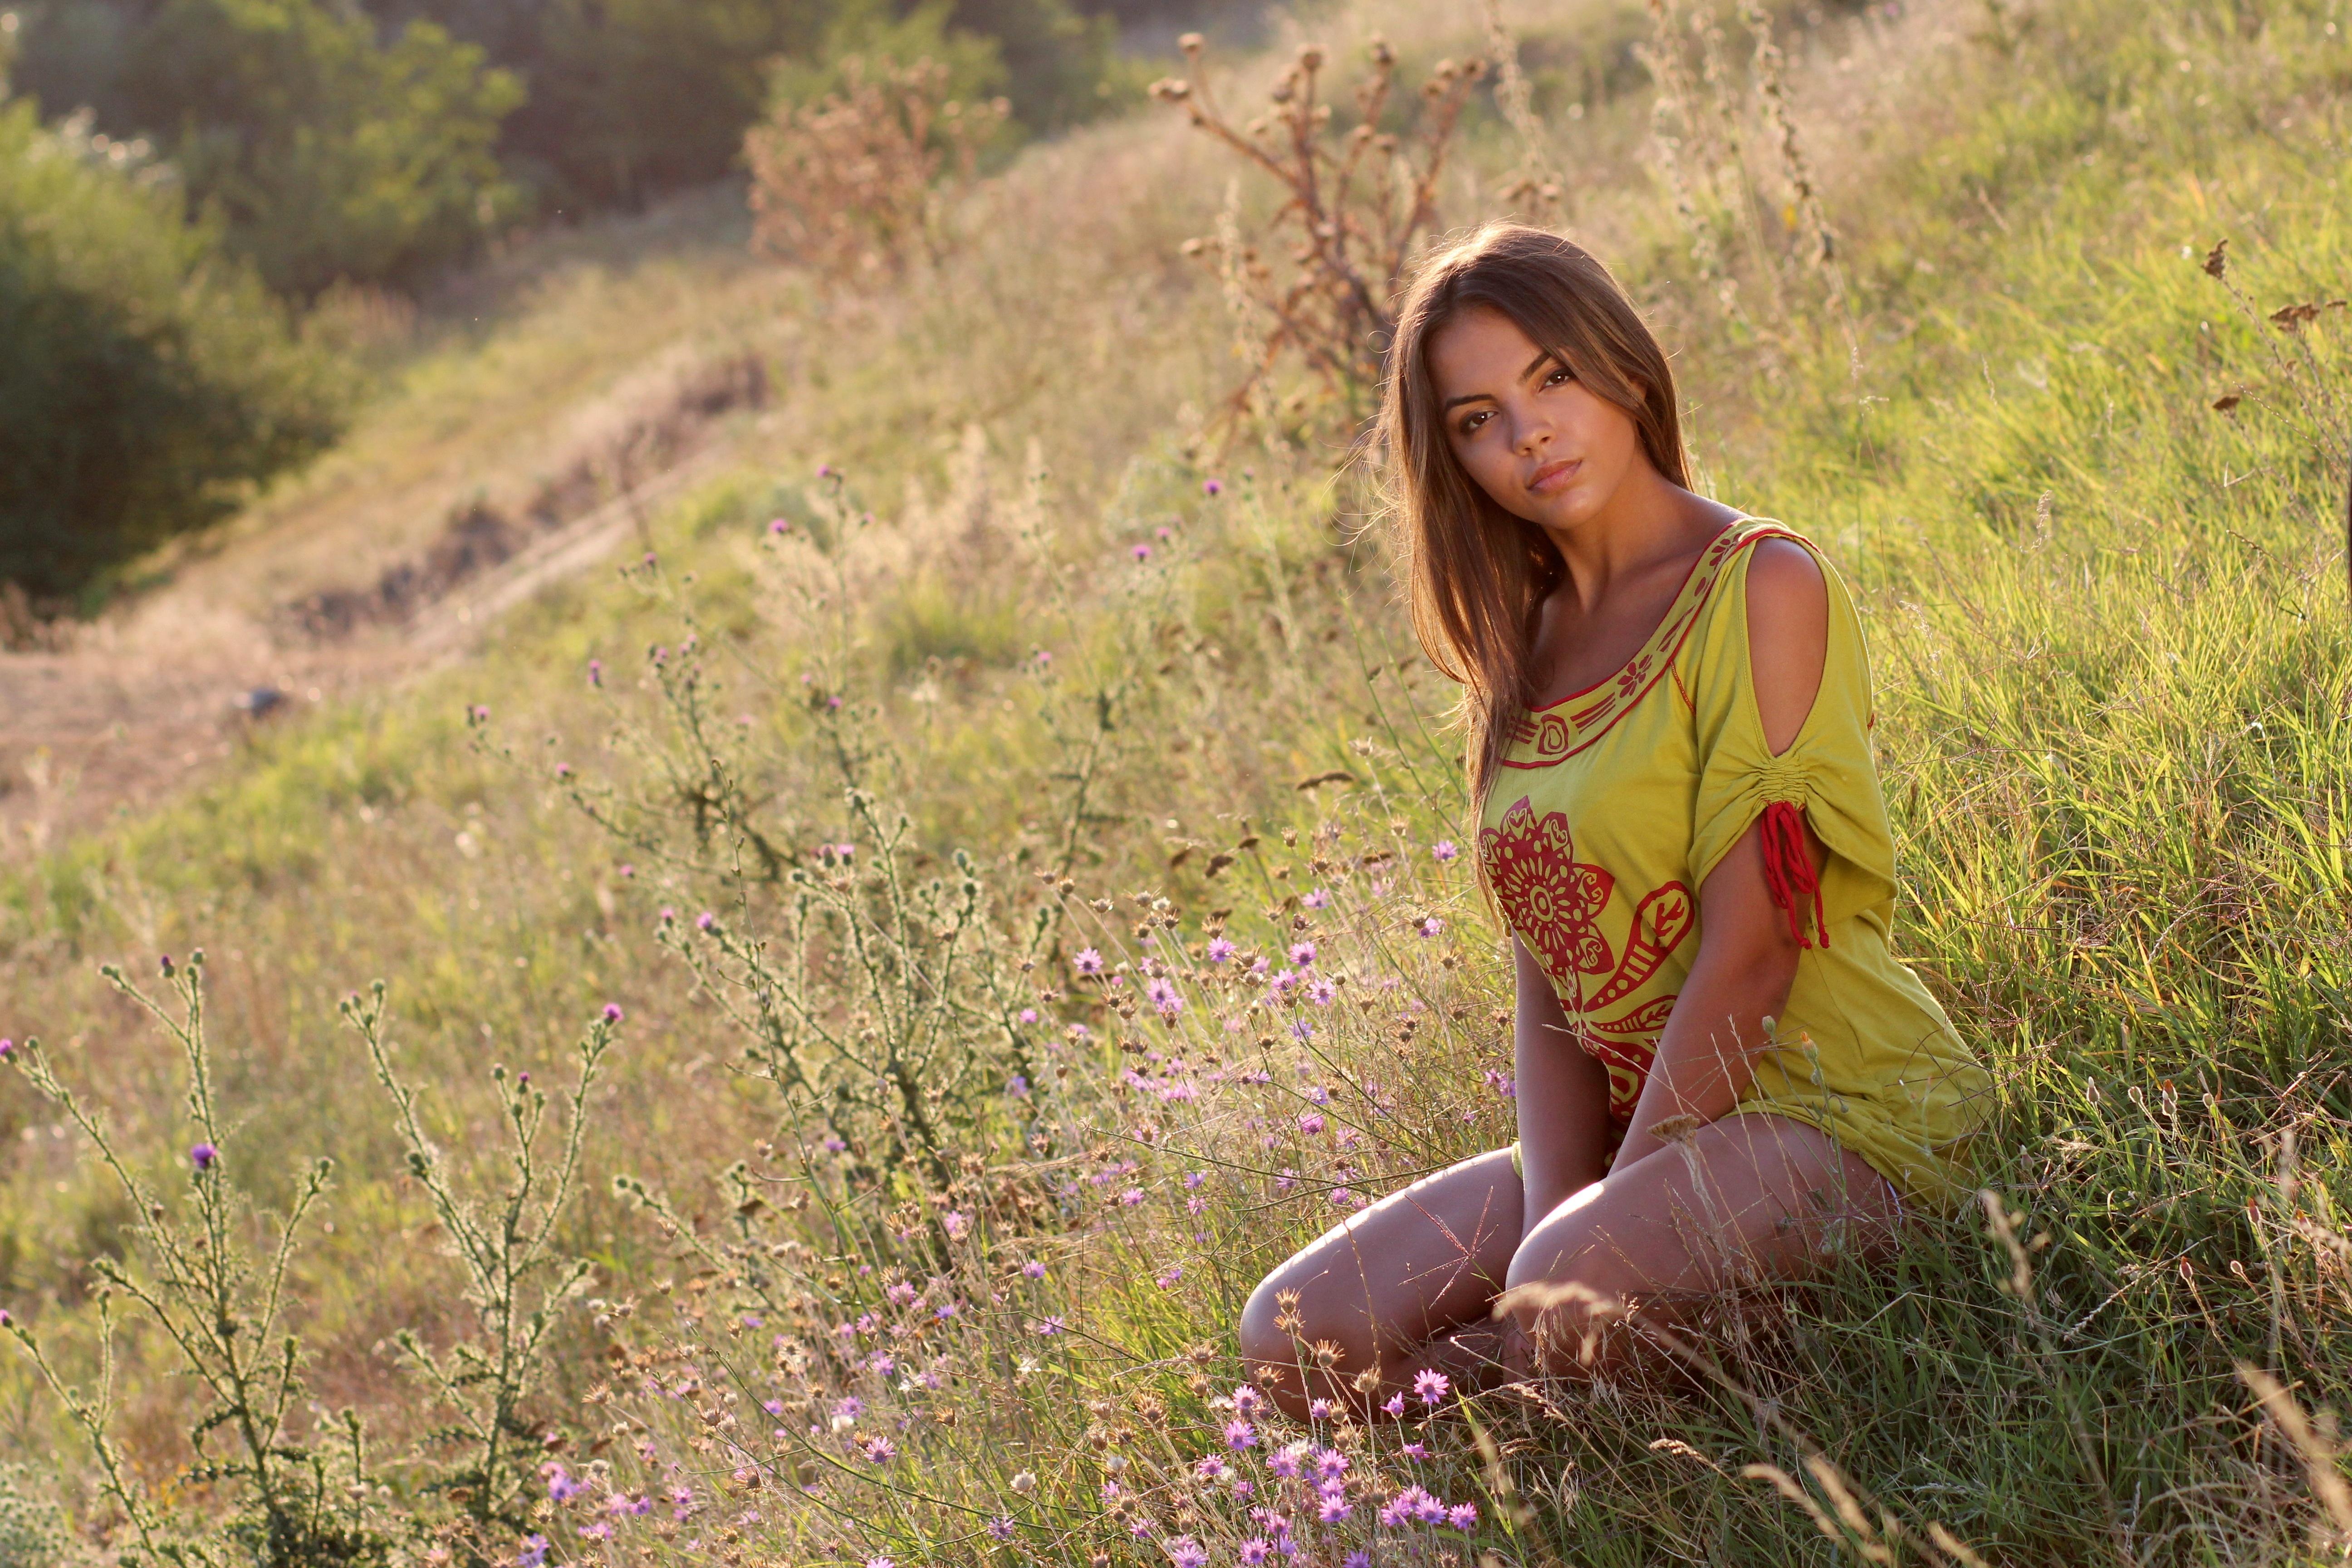 Красивые деревенские девушки без одежды на природе, проститутки с г железнодорожный